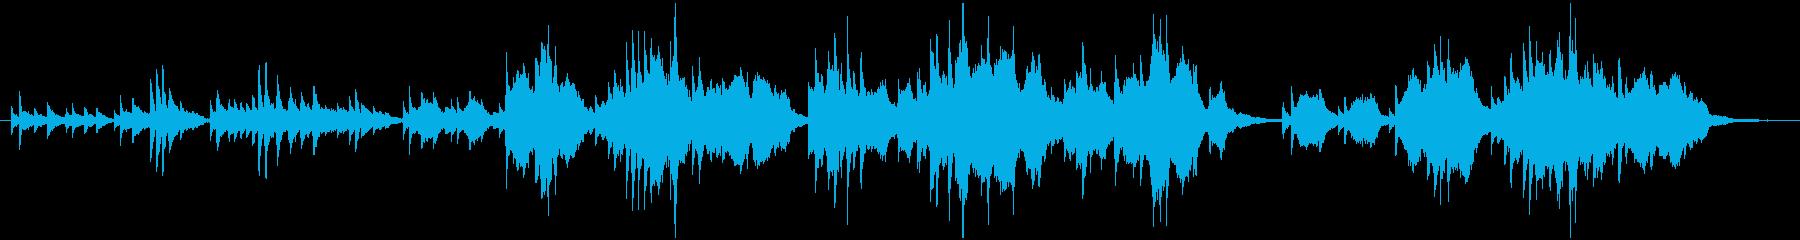 ピアノ・ストリングスによる清らかな哀しみの再生済みの波形